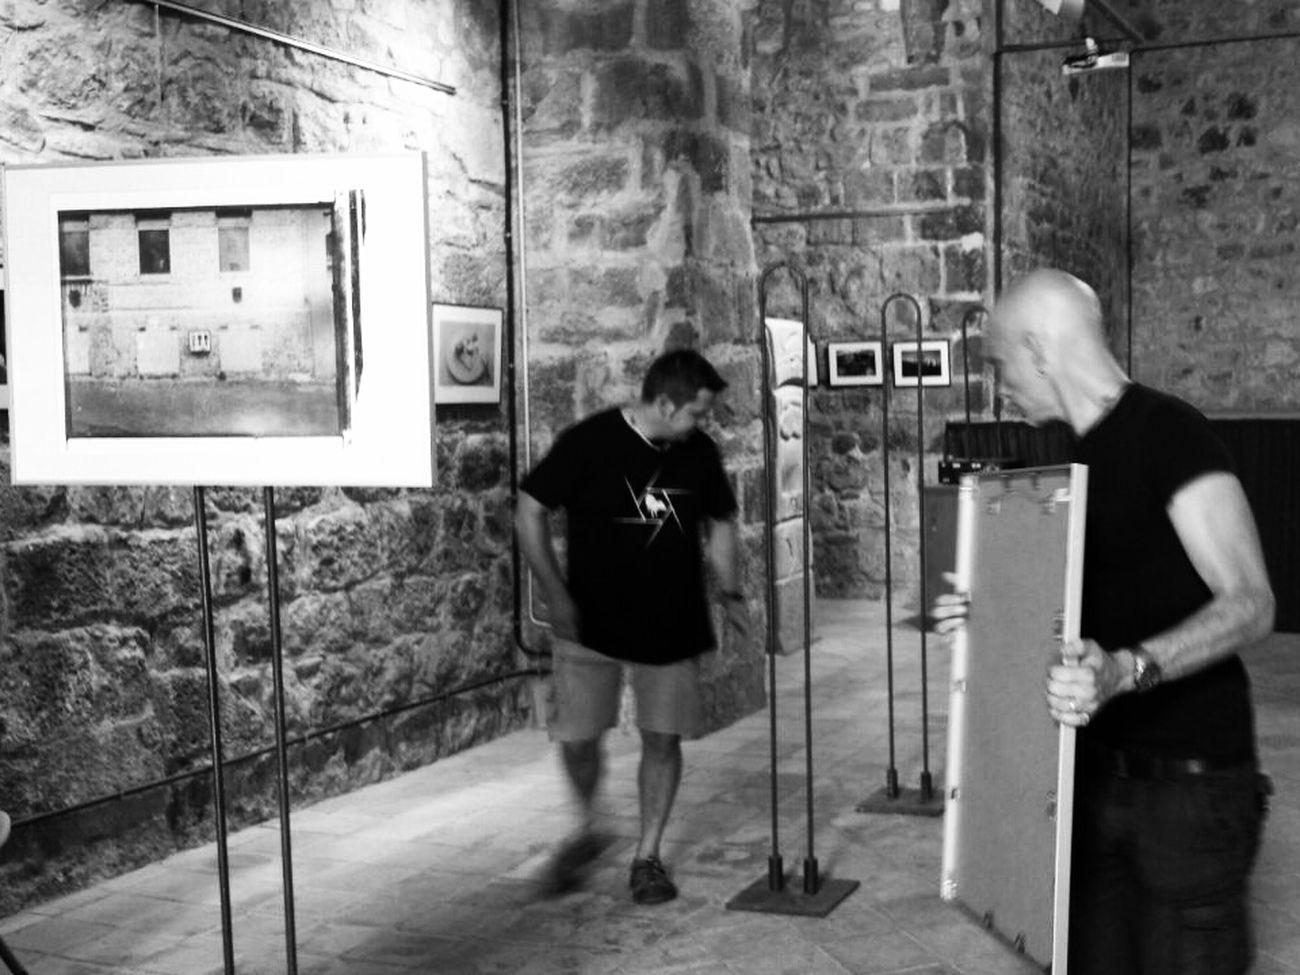 ... prepairing the exhibition in Castellfollit De La Roca .... Olot Catalunya Exhibition Biennale Daffkehollstein